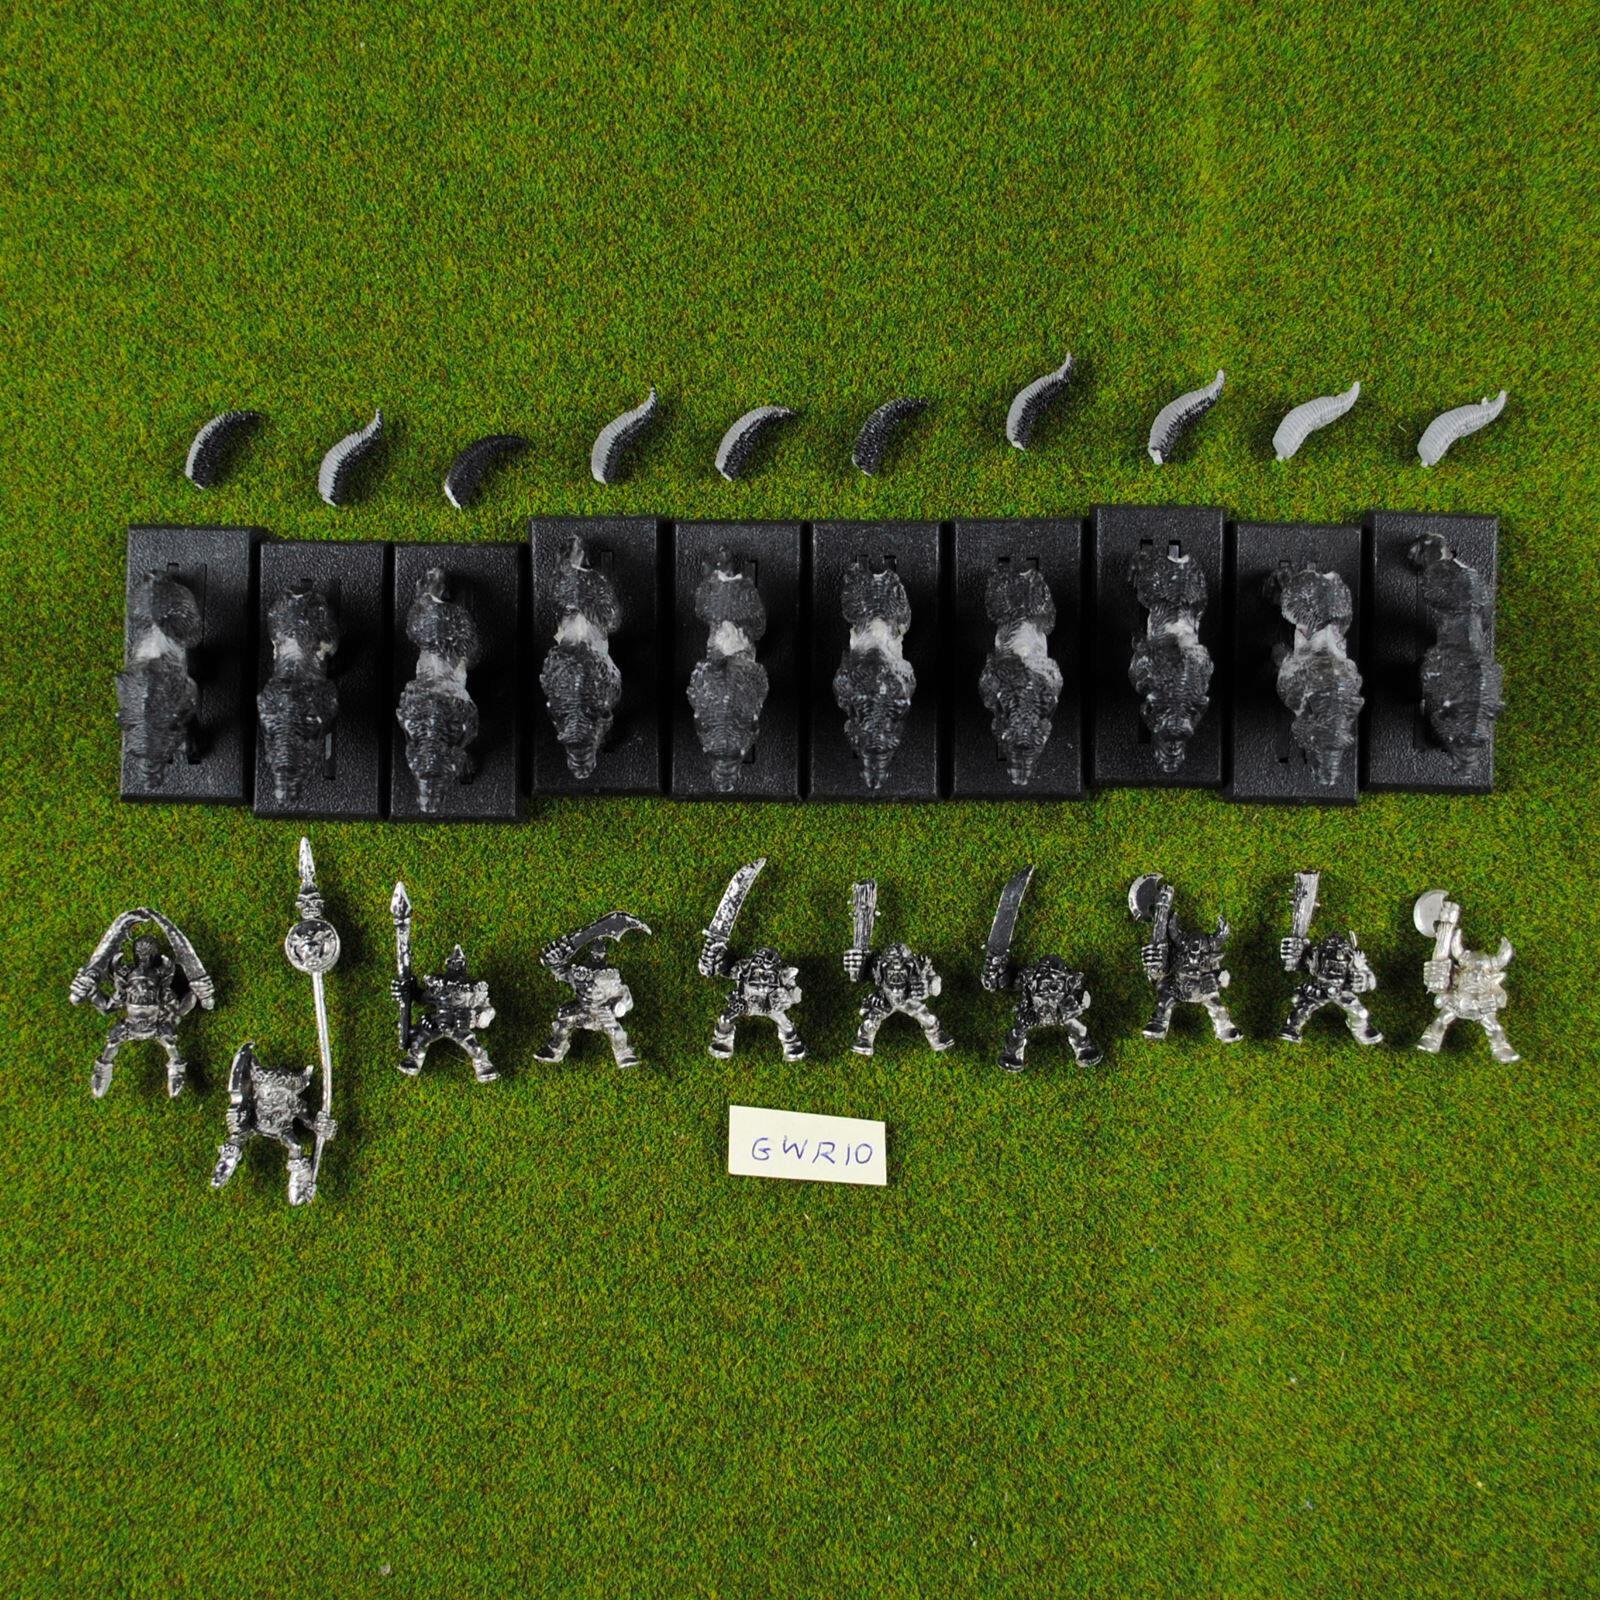 Warhammer goblin - wolf - fahrer (x10 - bitte lesen sie) metall - zitadelle kobolde reiter